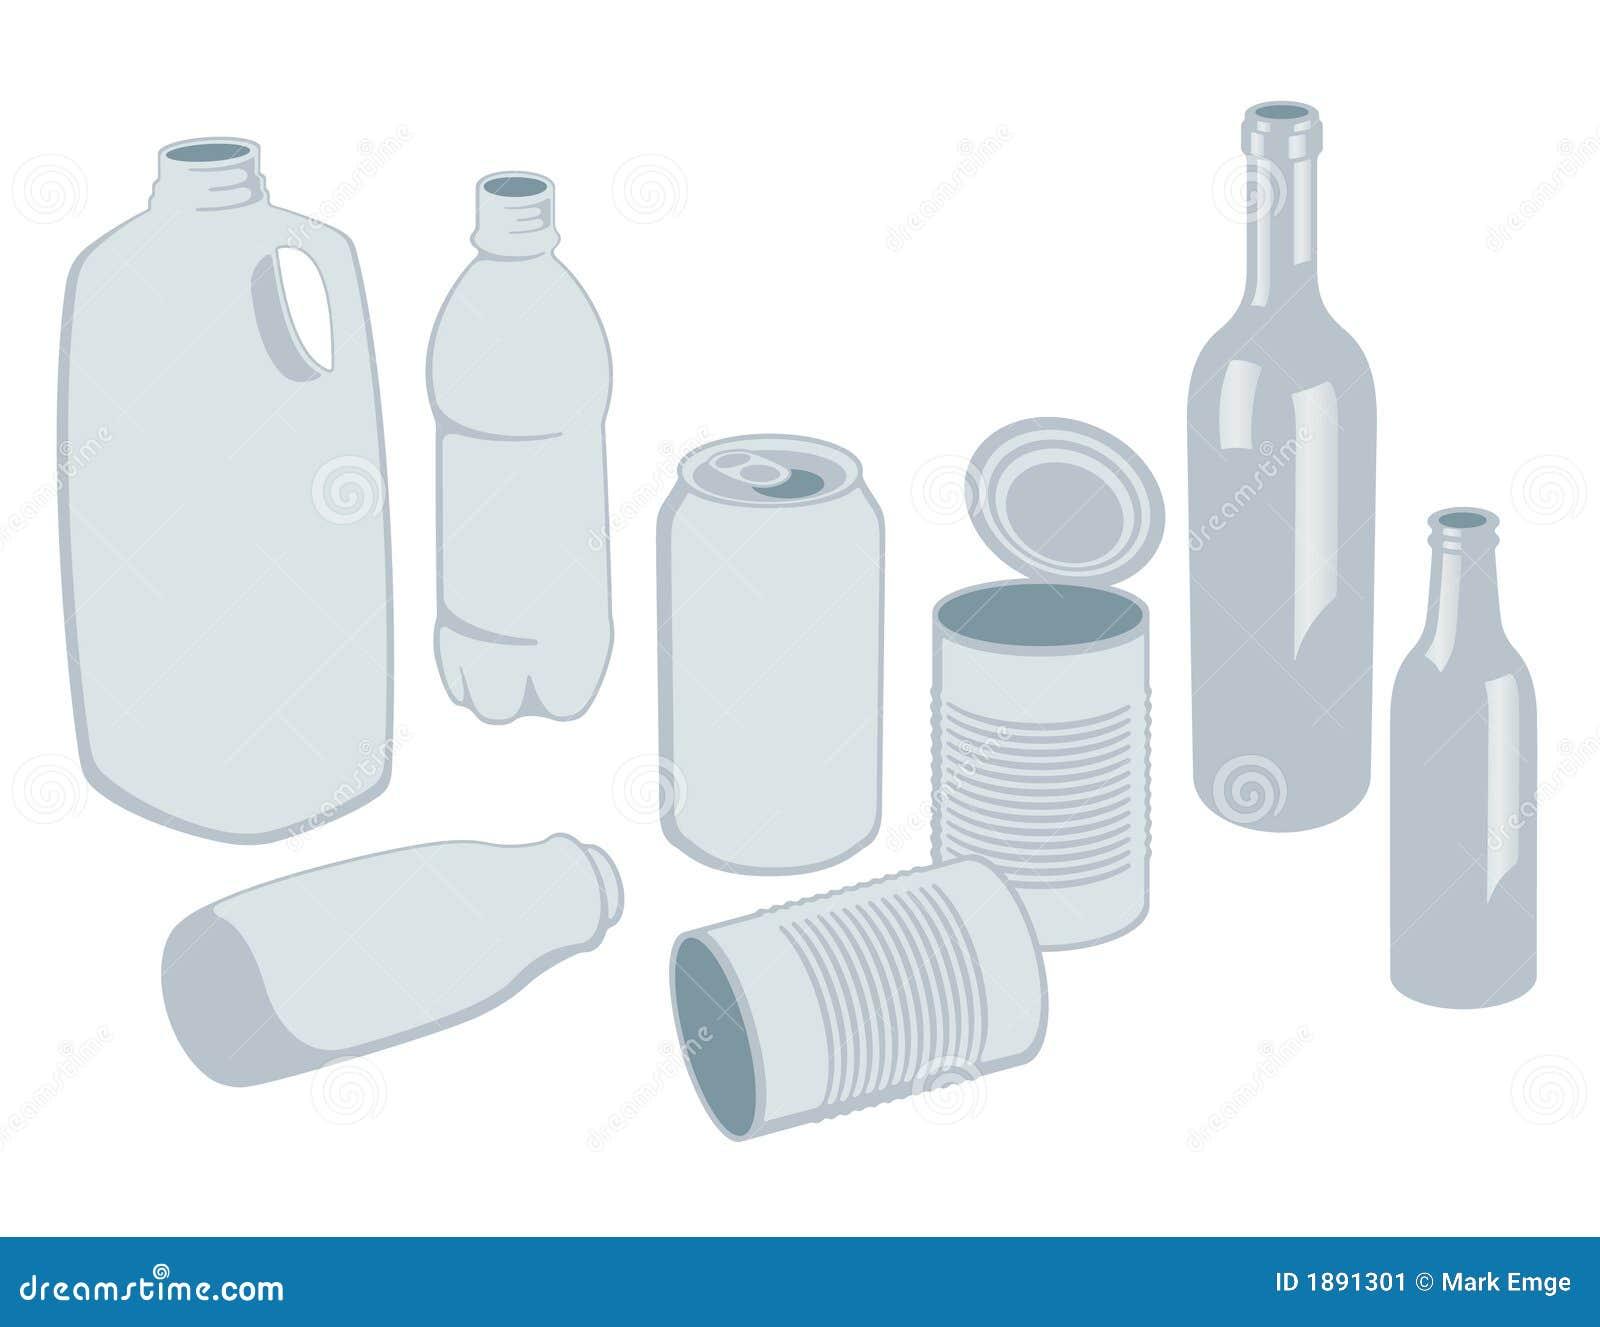 Recyclablesvektor